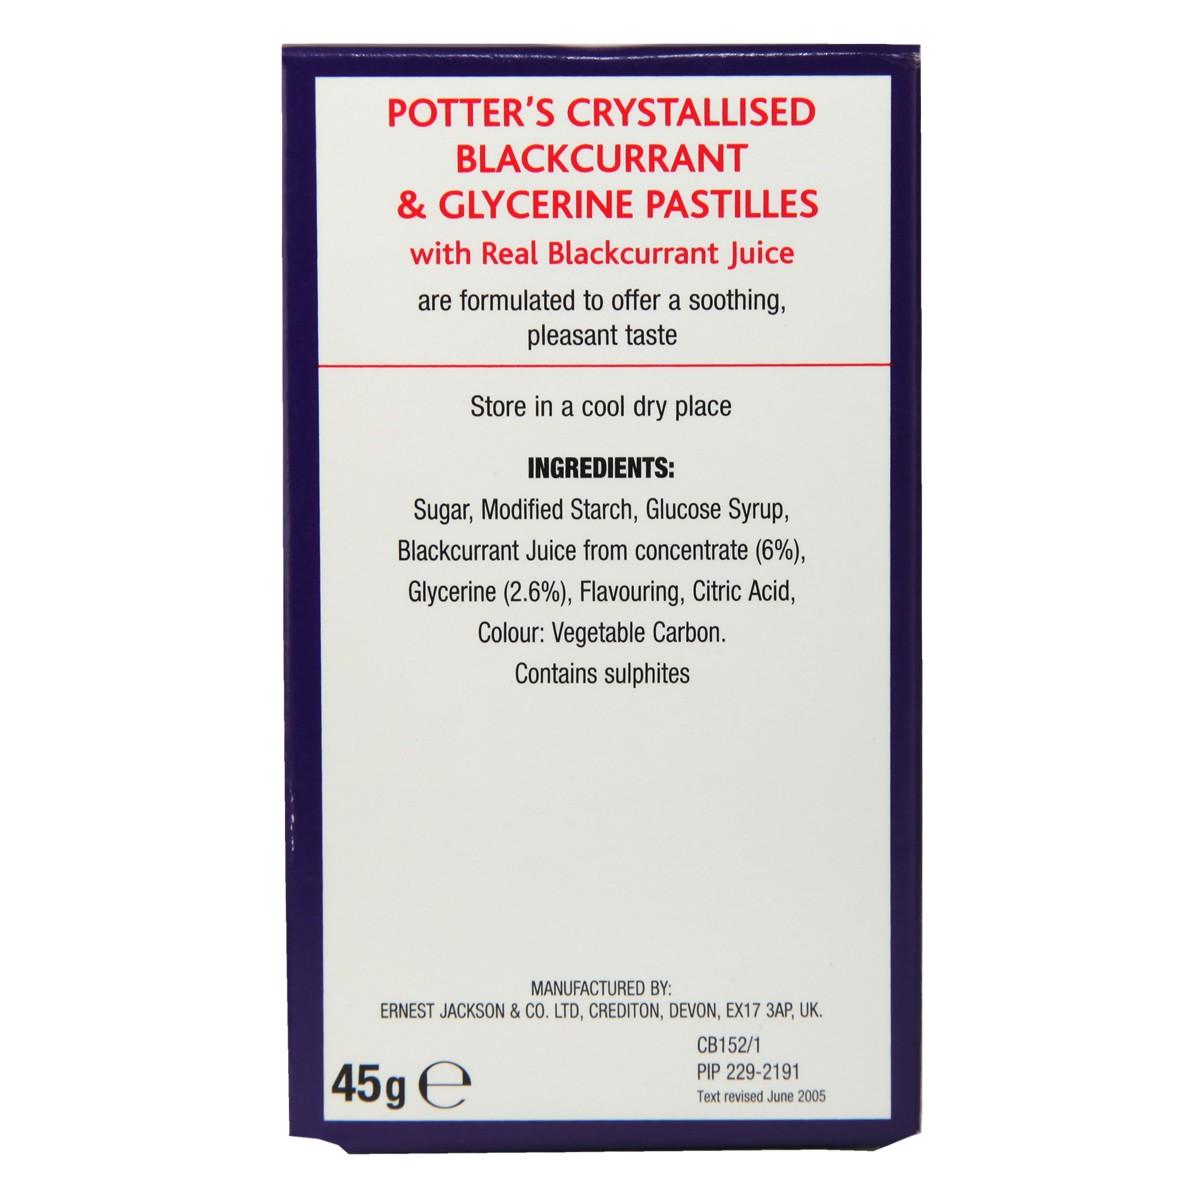 Potter`s Crystallised Blackcurrant & Glycerine Pastilles